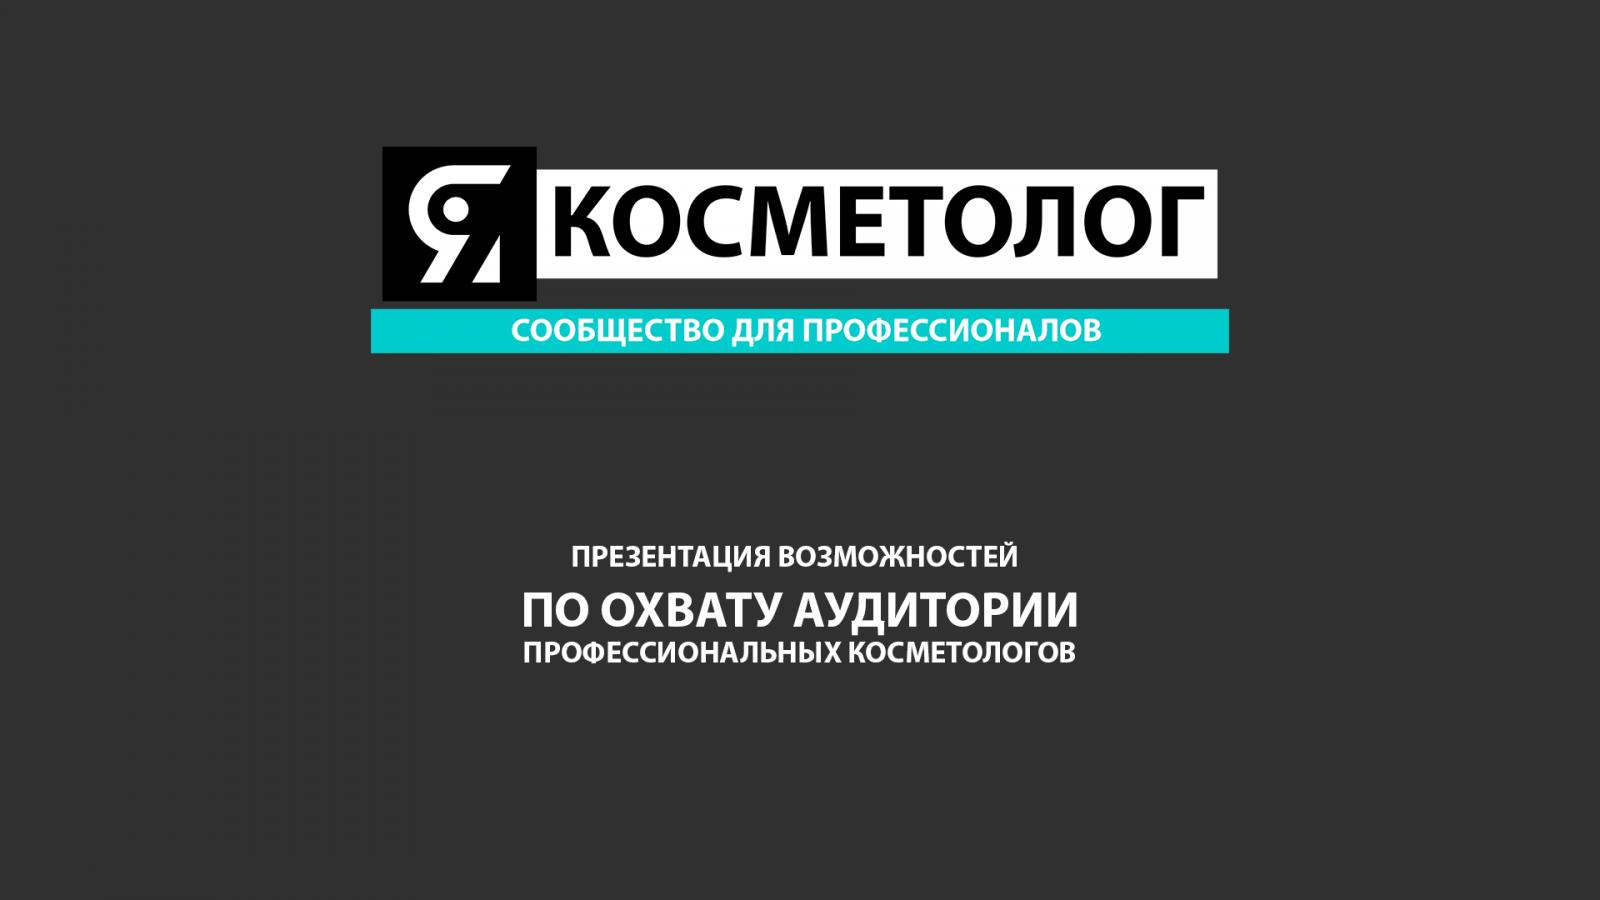 100 Презентация ЯКОСМЕТОЛОГ.png